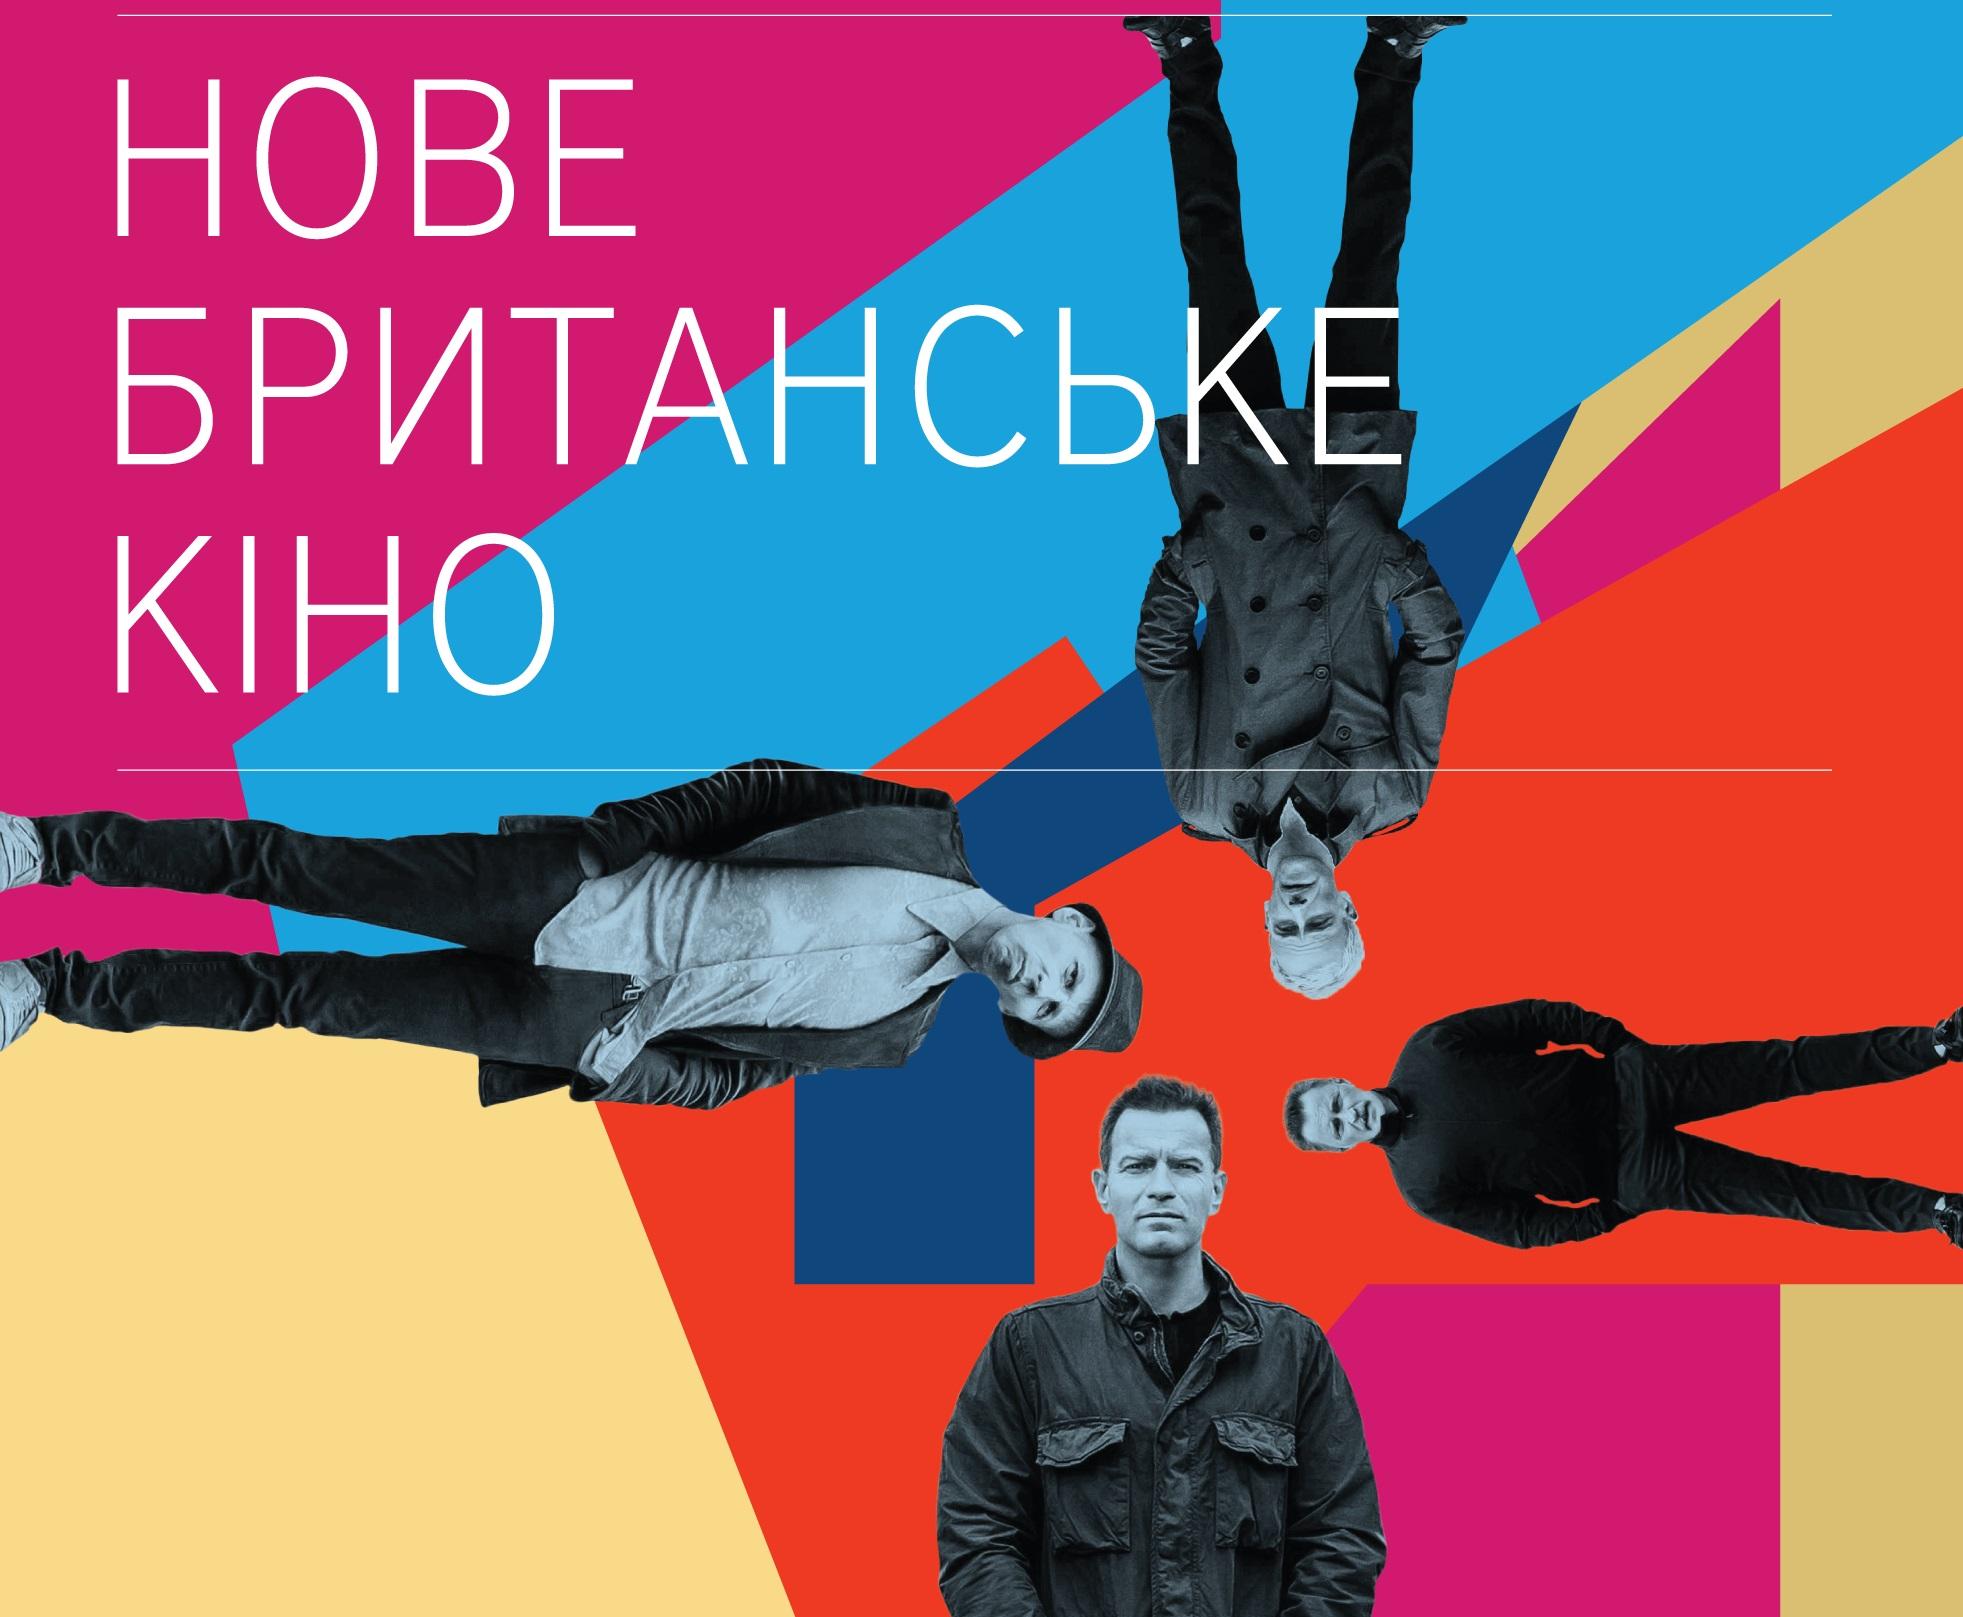 """У Запоріжжі пройде фестиваль """"Нового британського кіно"""""""